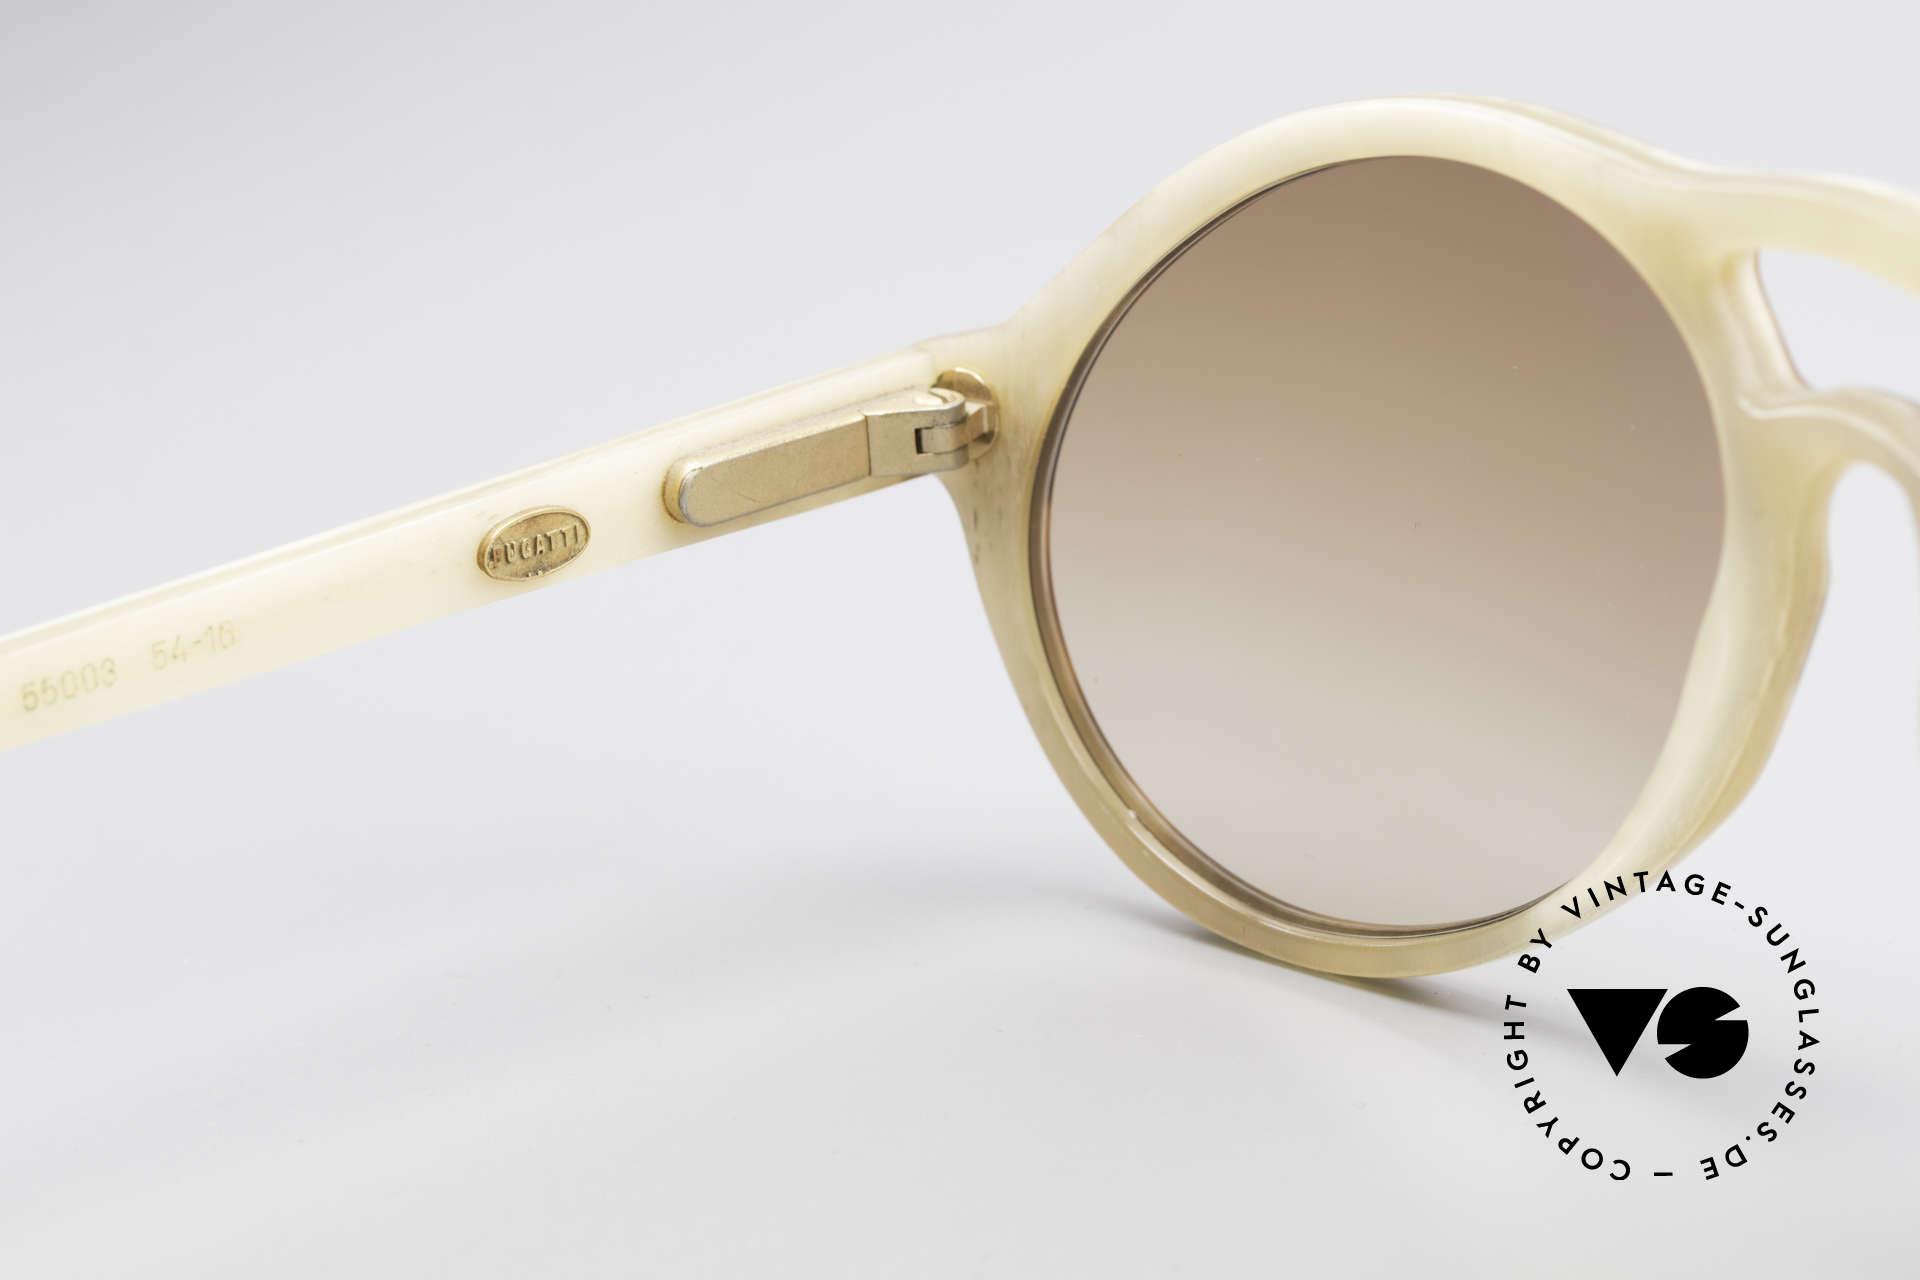 Bugatti 55003 Echt Büffelhorn Sonnenbrille, wahres UNIKAT ... heutzutage kaum noch zu bekommen!, Passend für Herren